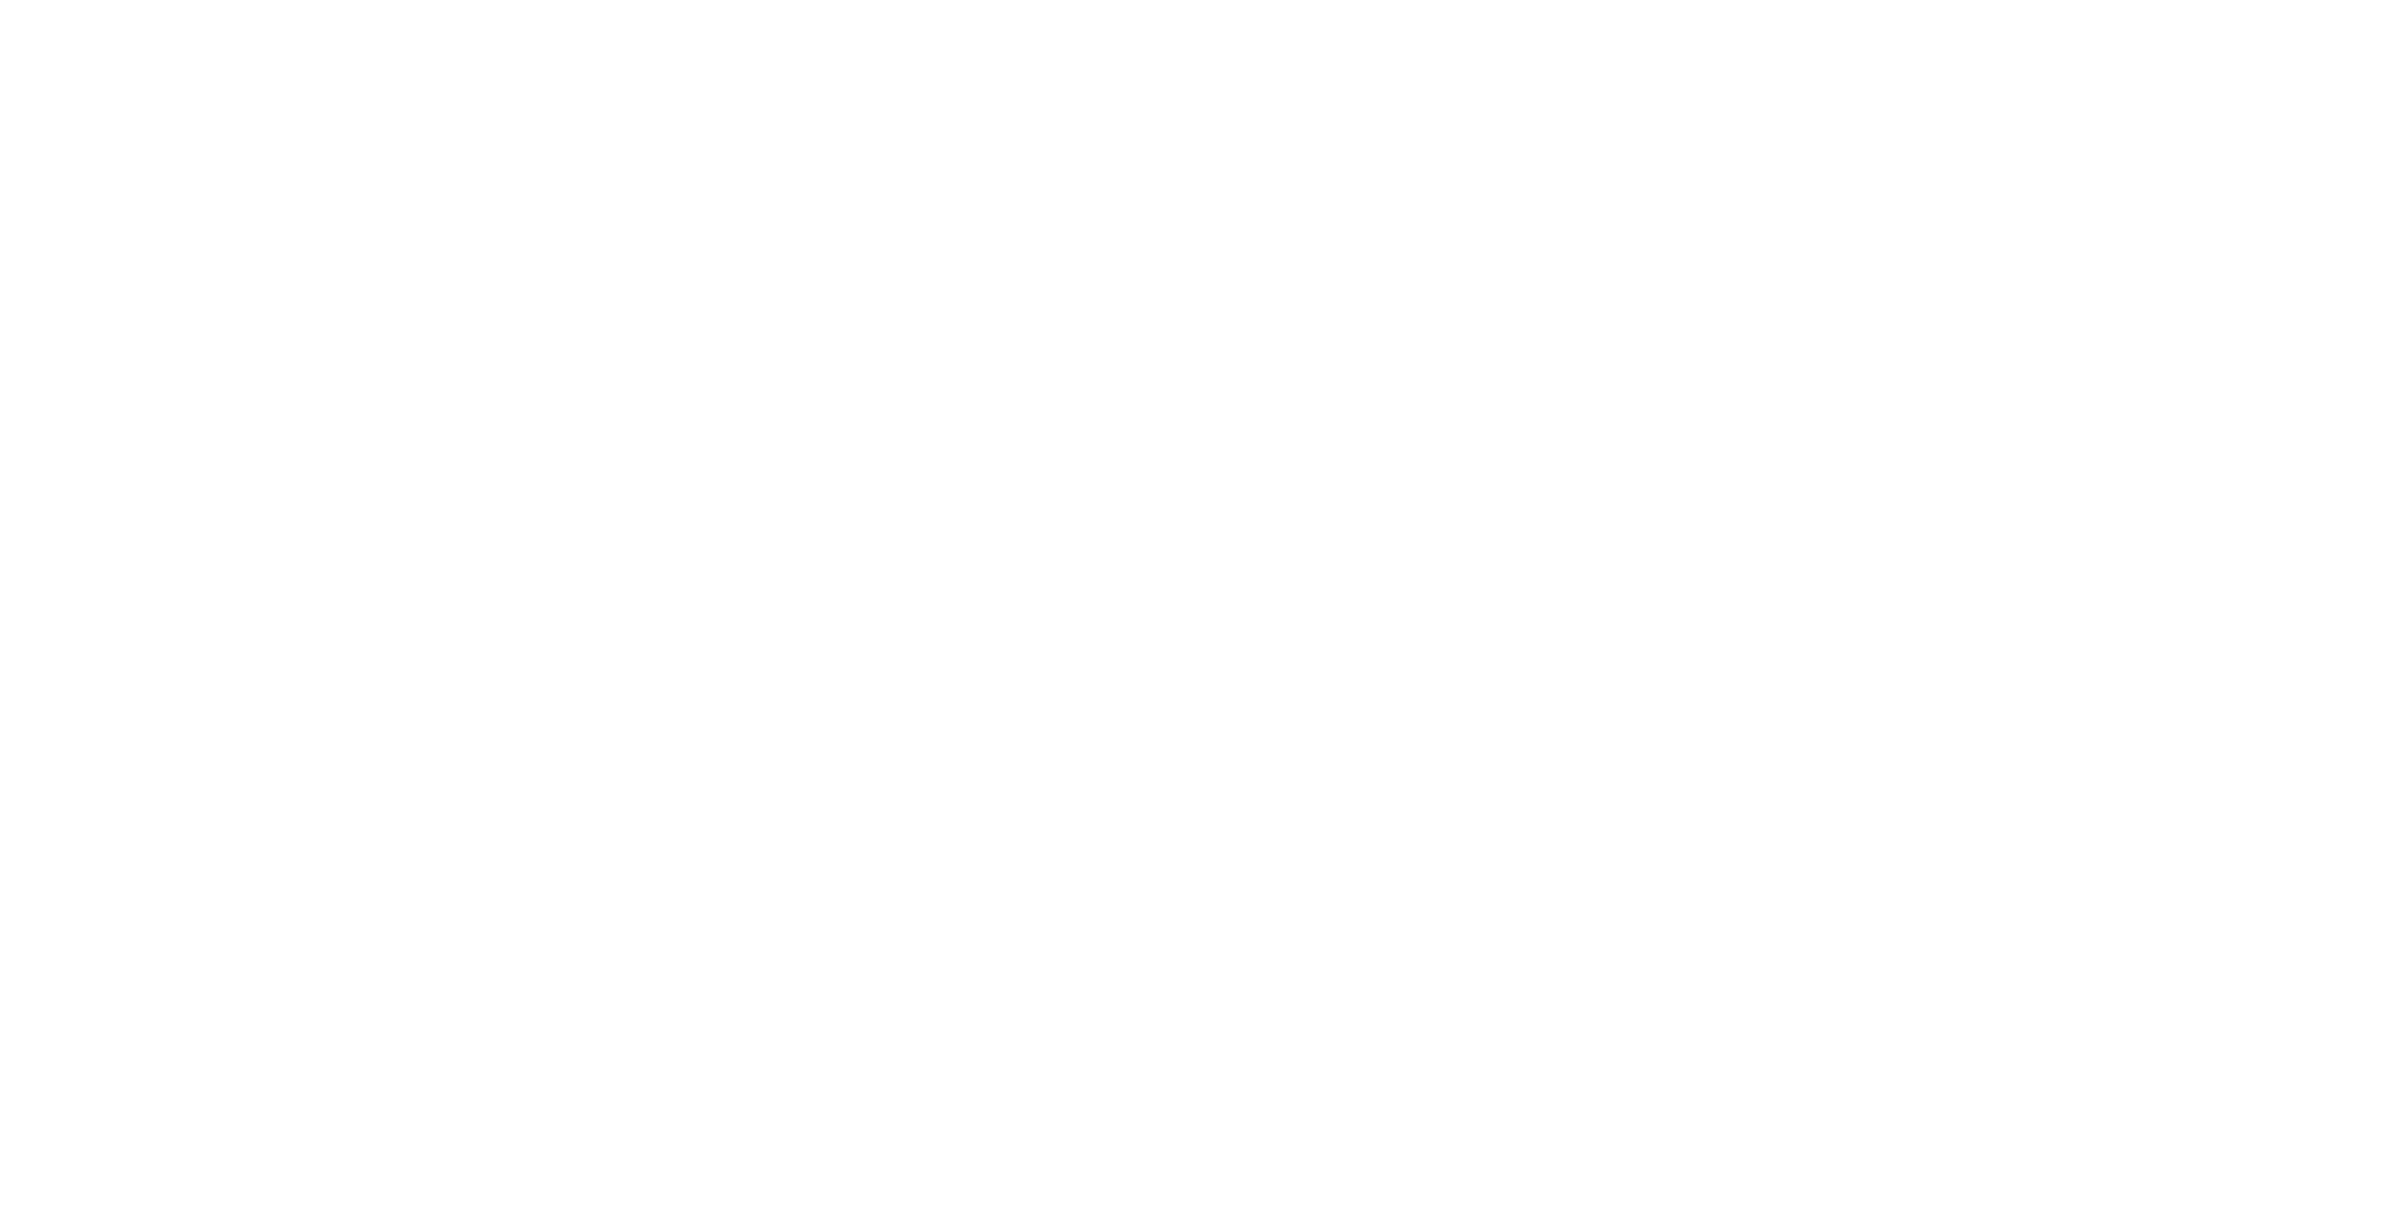 reunion-des-musees-nationaux-logo-png-transparent